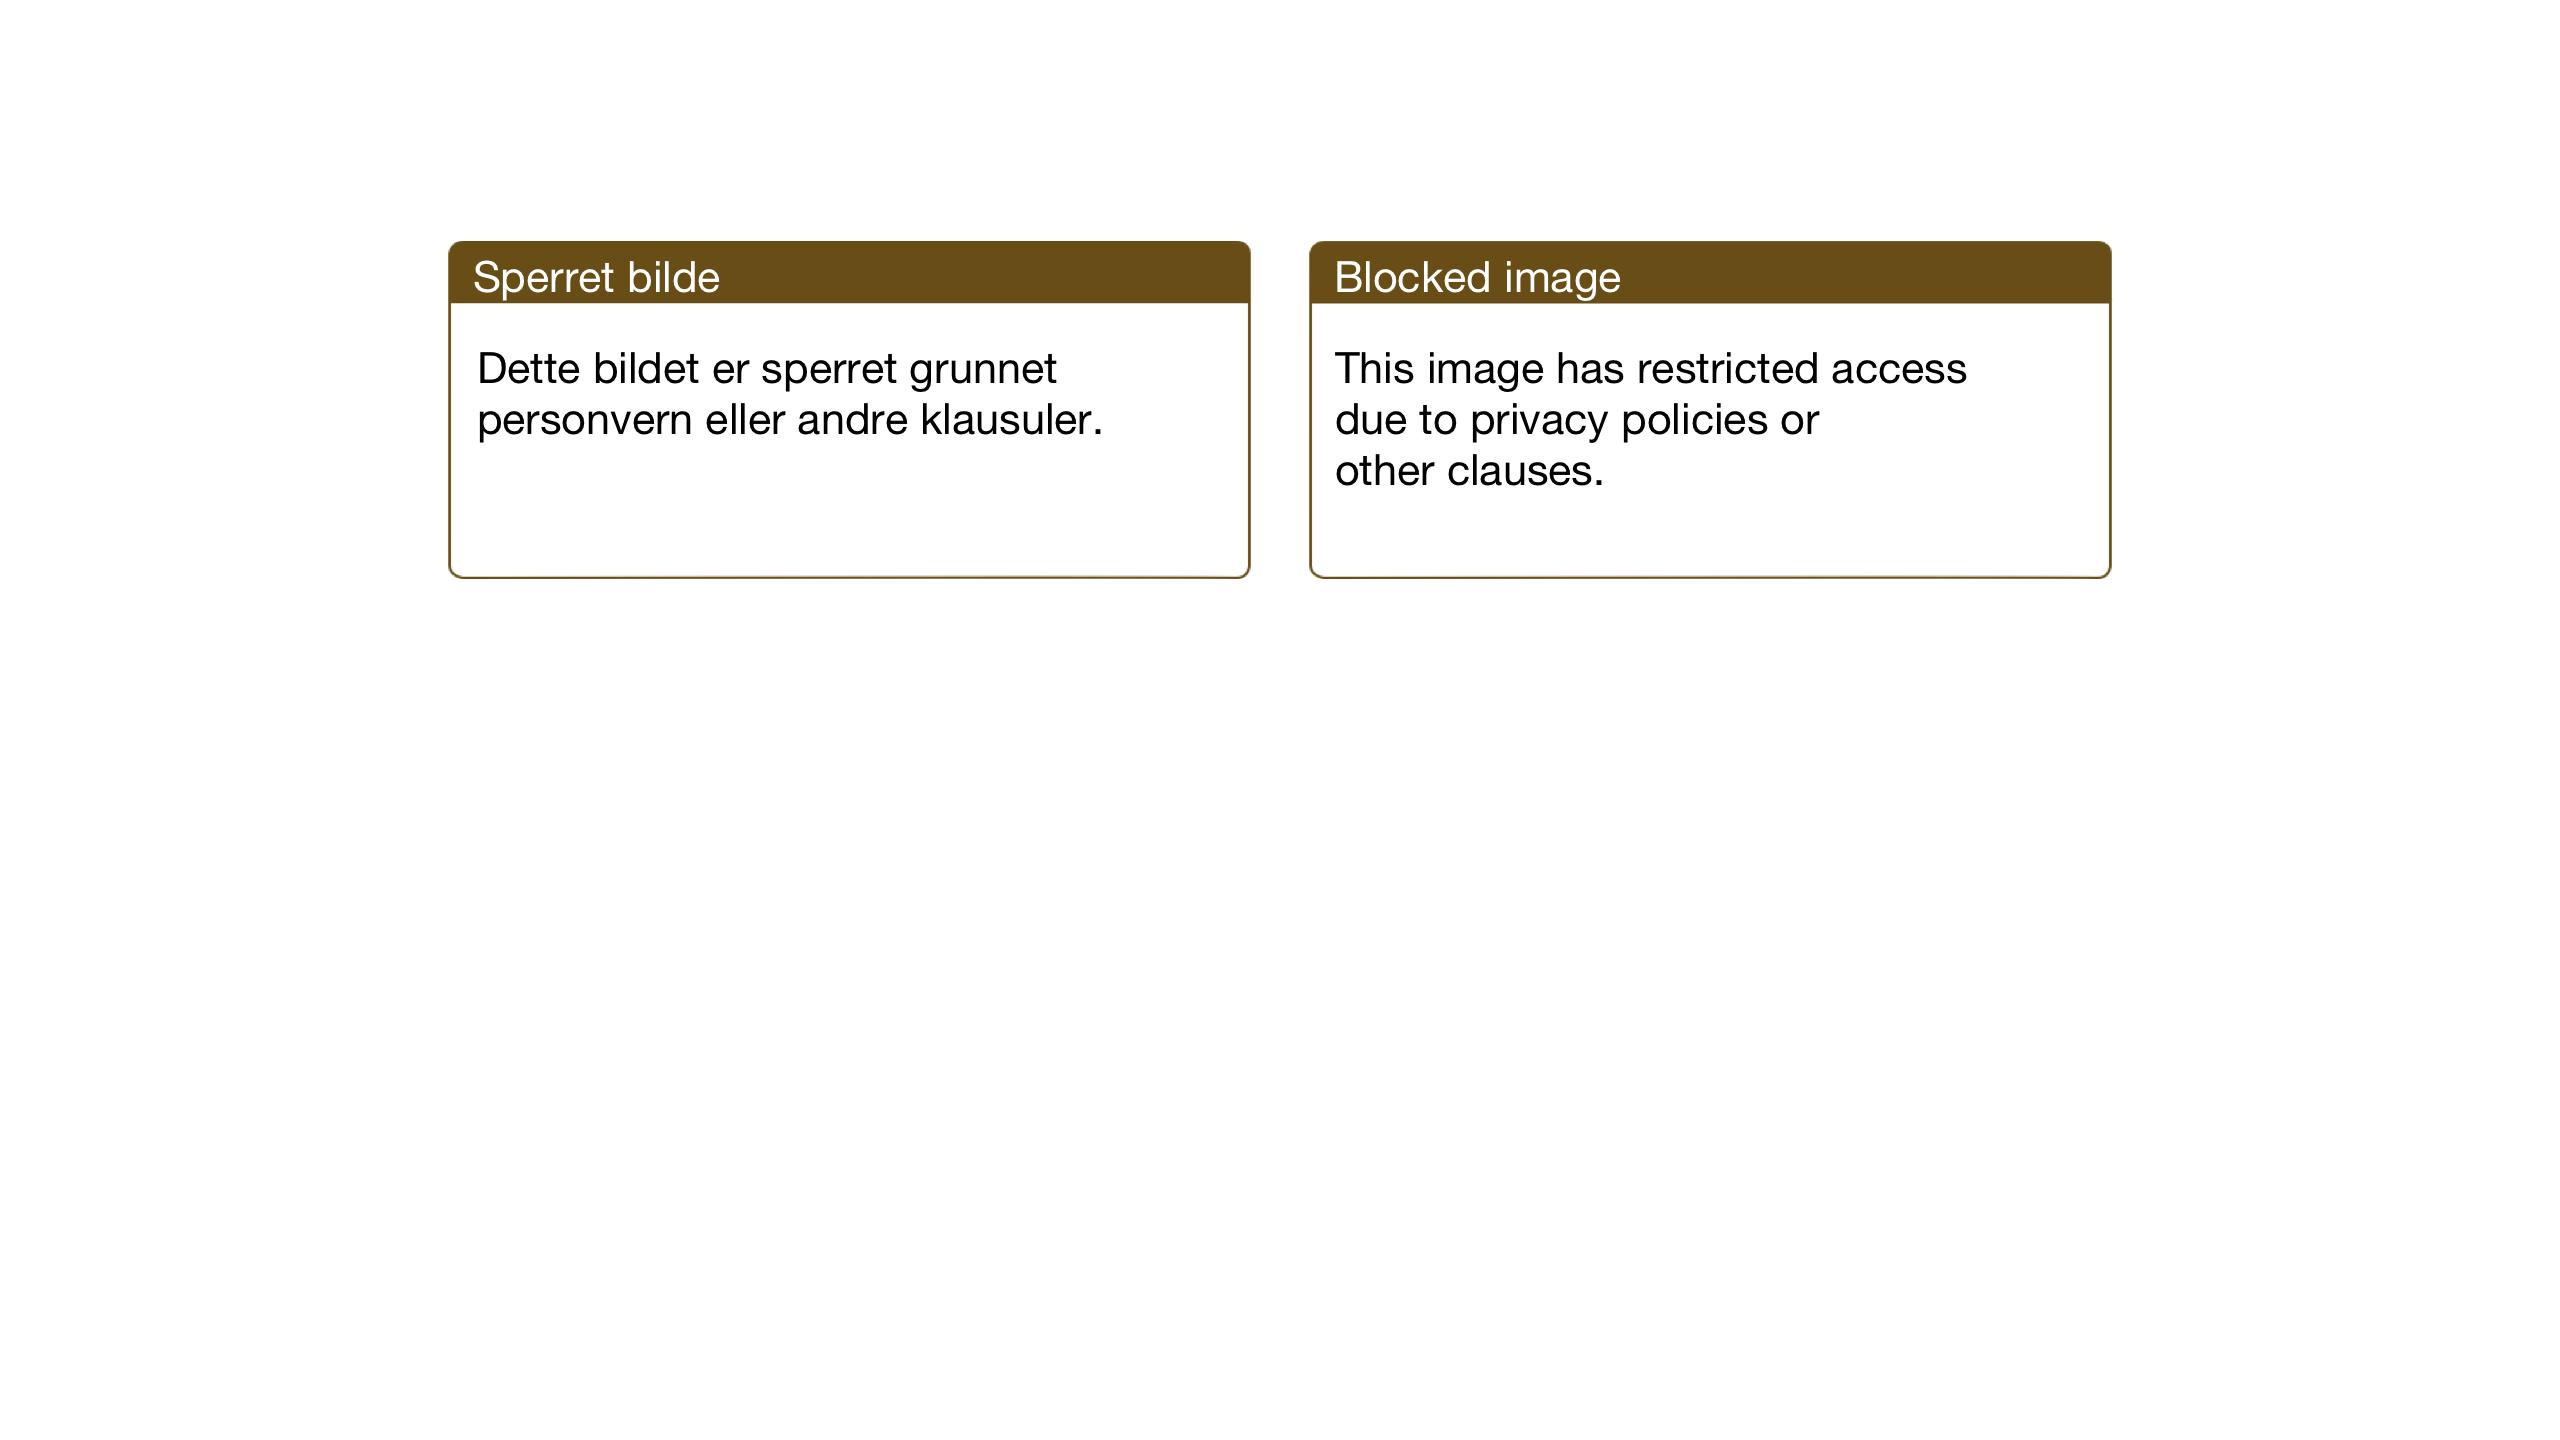 SAT, Ministerialprotokoller, klokkerbøker og fødselsregistre - Nord-Trøndelag, 710/L0097: Klokkerbok nr. 710C02, 1925-1955, s. 108